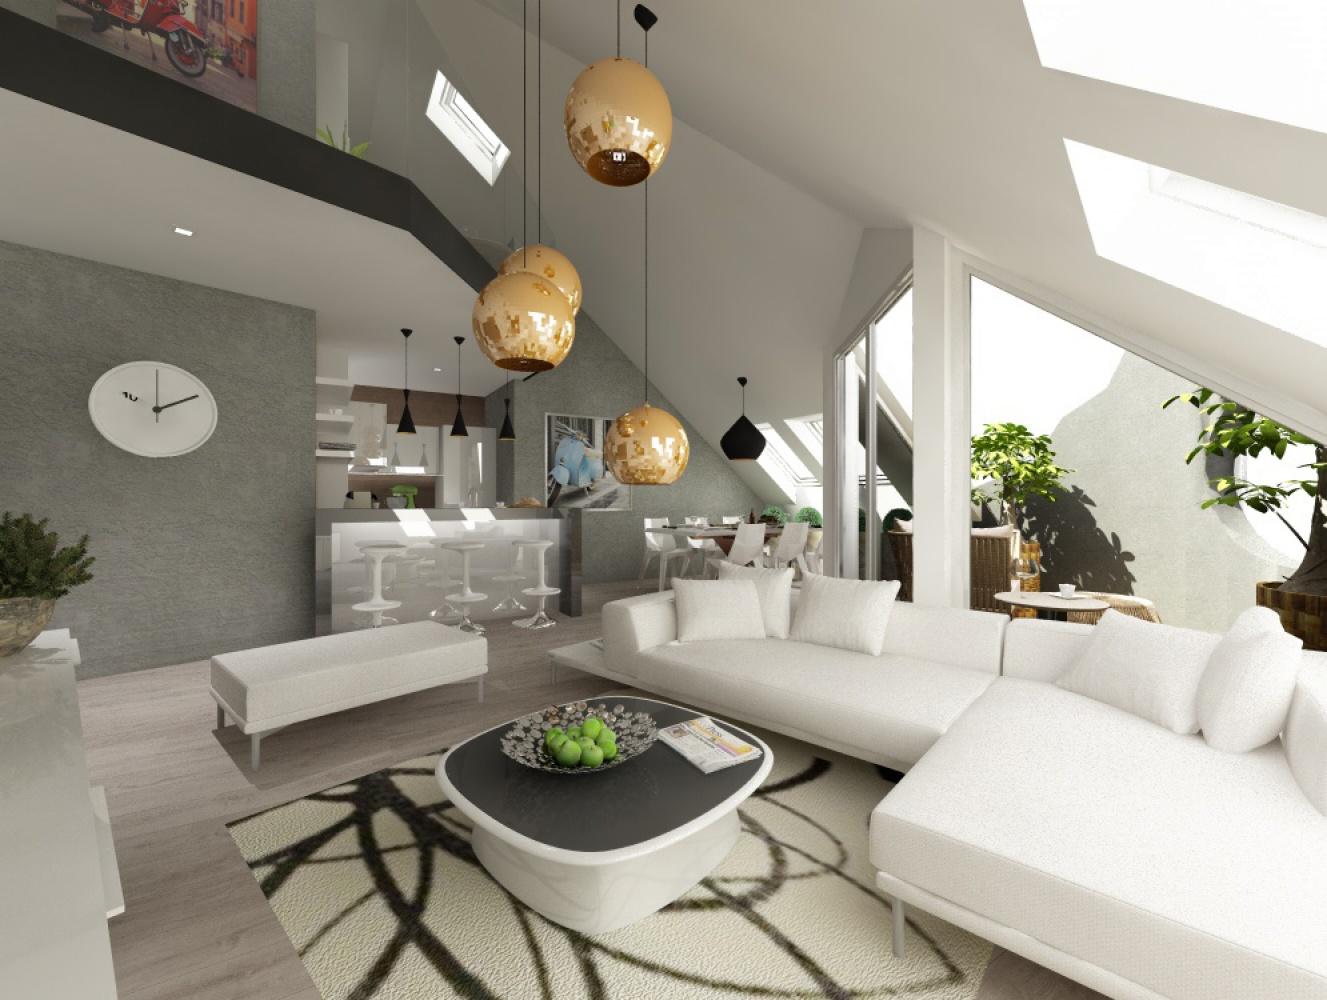 Půdní byt 5+kk, plocha 158 m², ulice Srbská, Praha 6 - Dejvice | 1